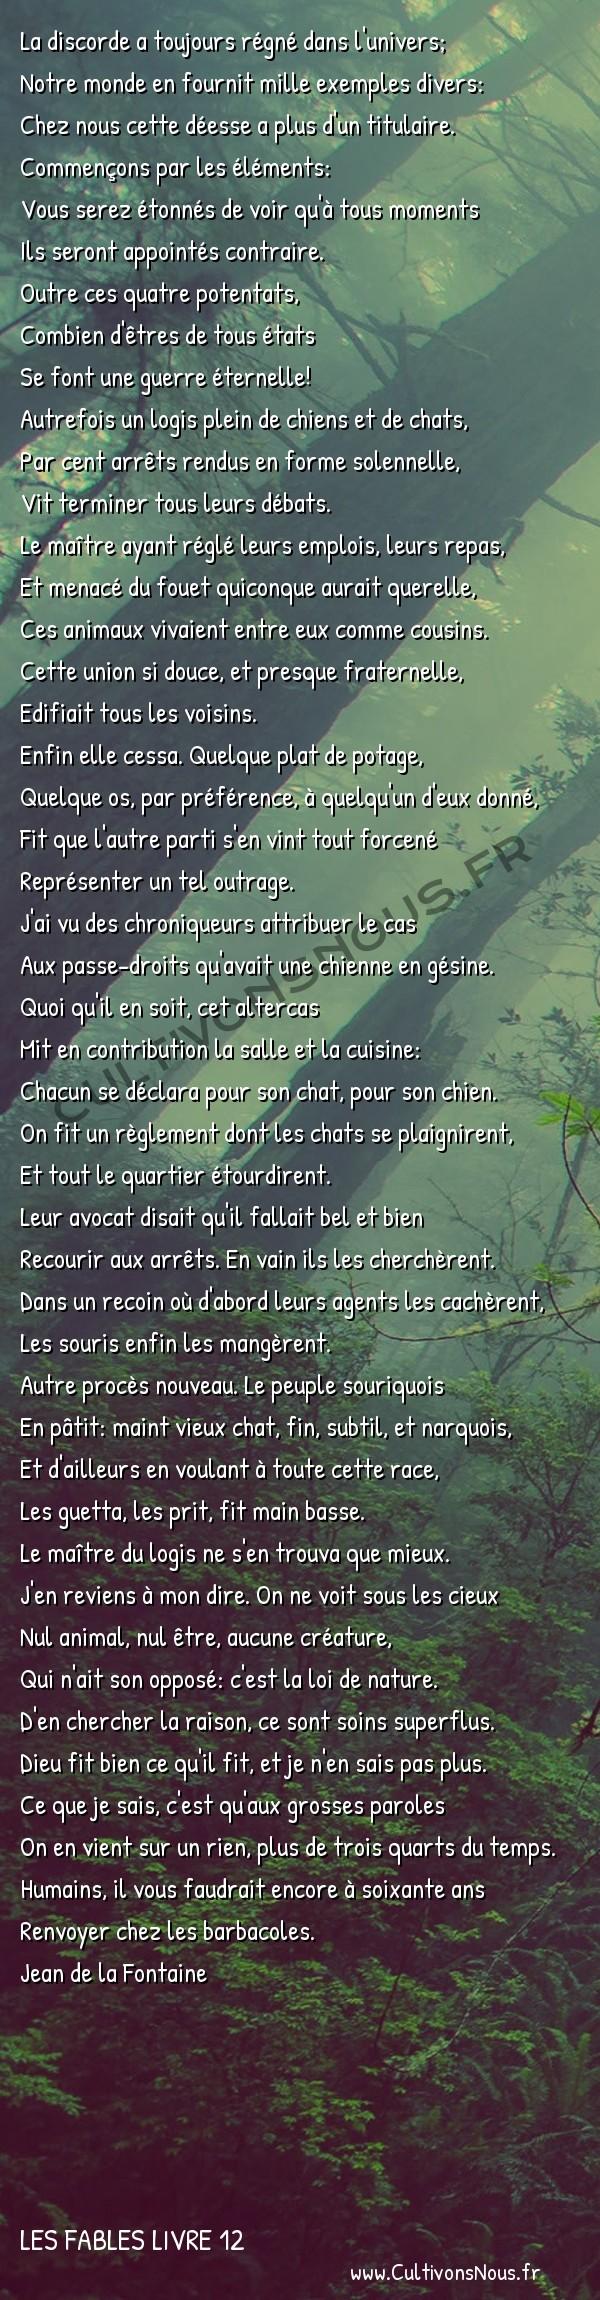 Fables Jean de la Fontaine - Les fables Livre 12 - La querelle des Chiens et des Chats -   La discorde a toujours régné dans l'univers; Notre monde en fournit mille exemples divers: